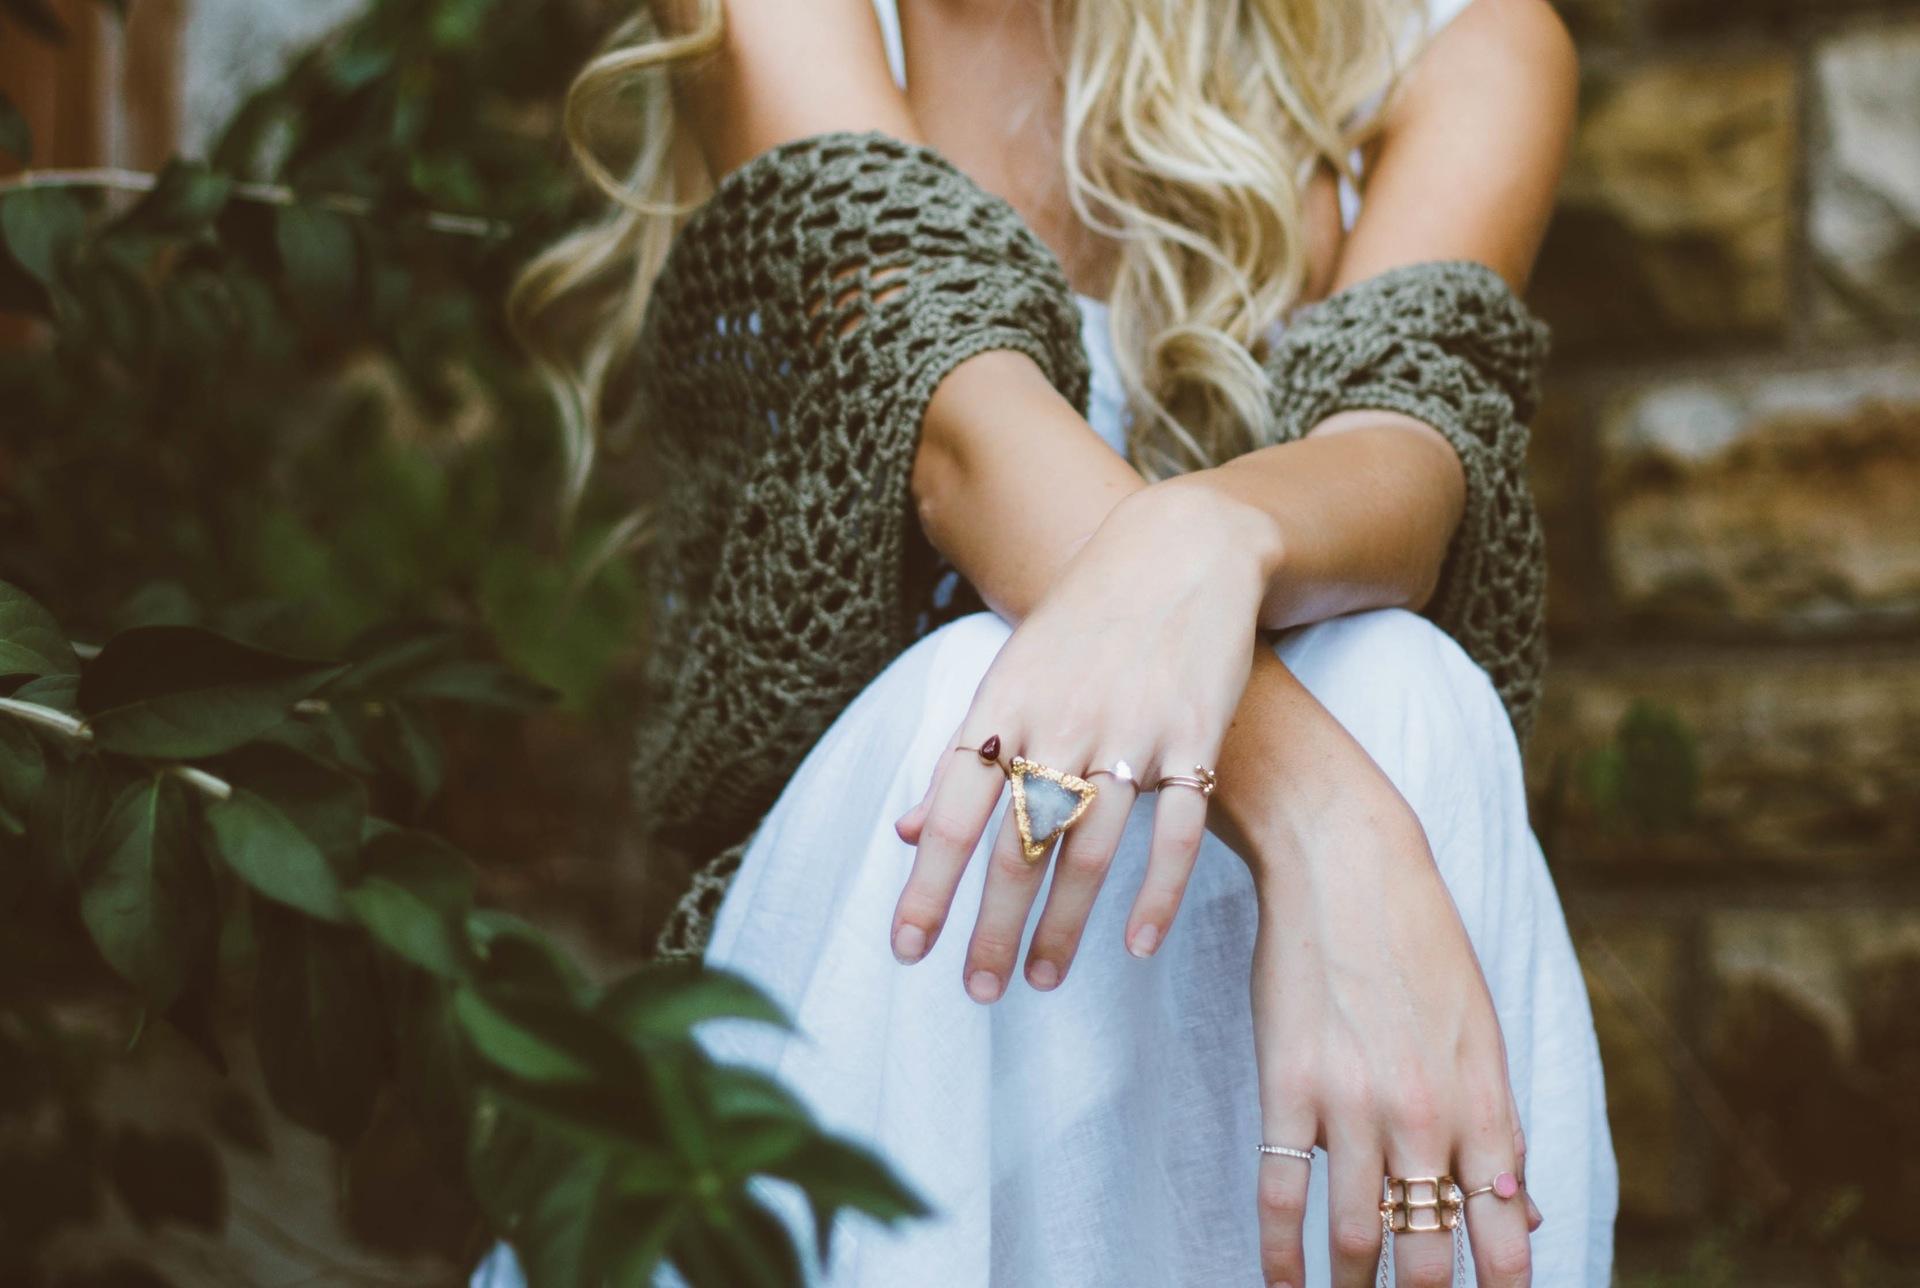 mains, femme, anneaux, bijoux, jeune fille, glamour - Fonds d'écran HD - Professor-falken.com